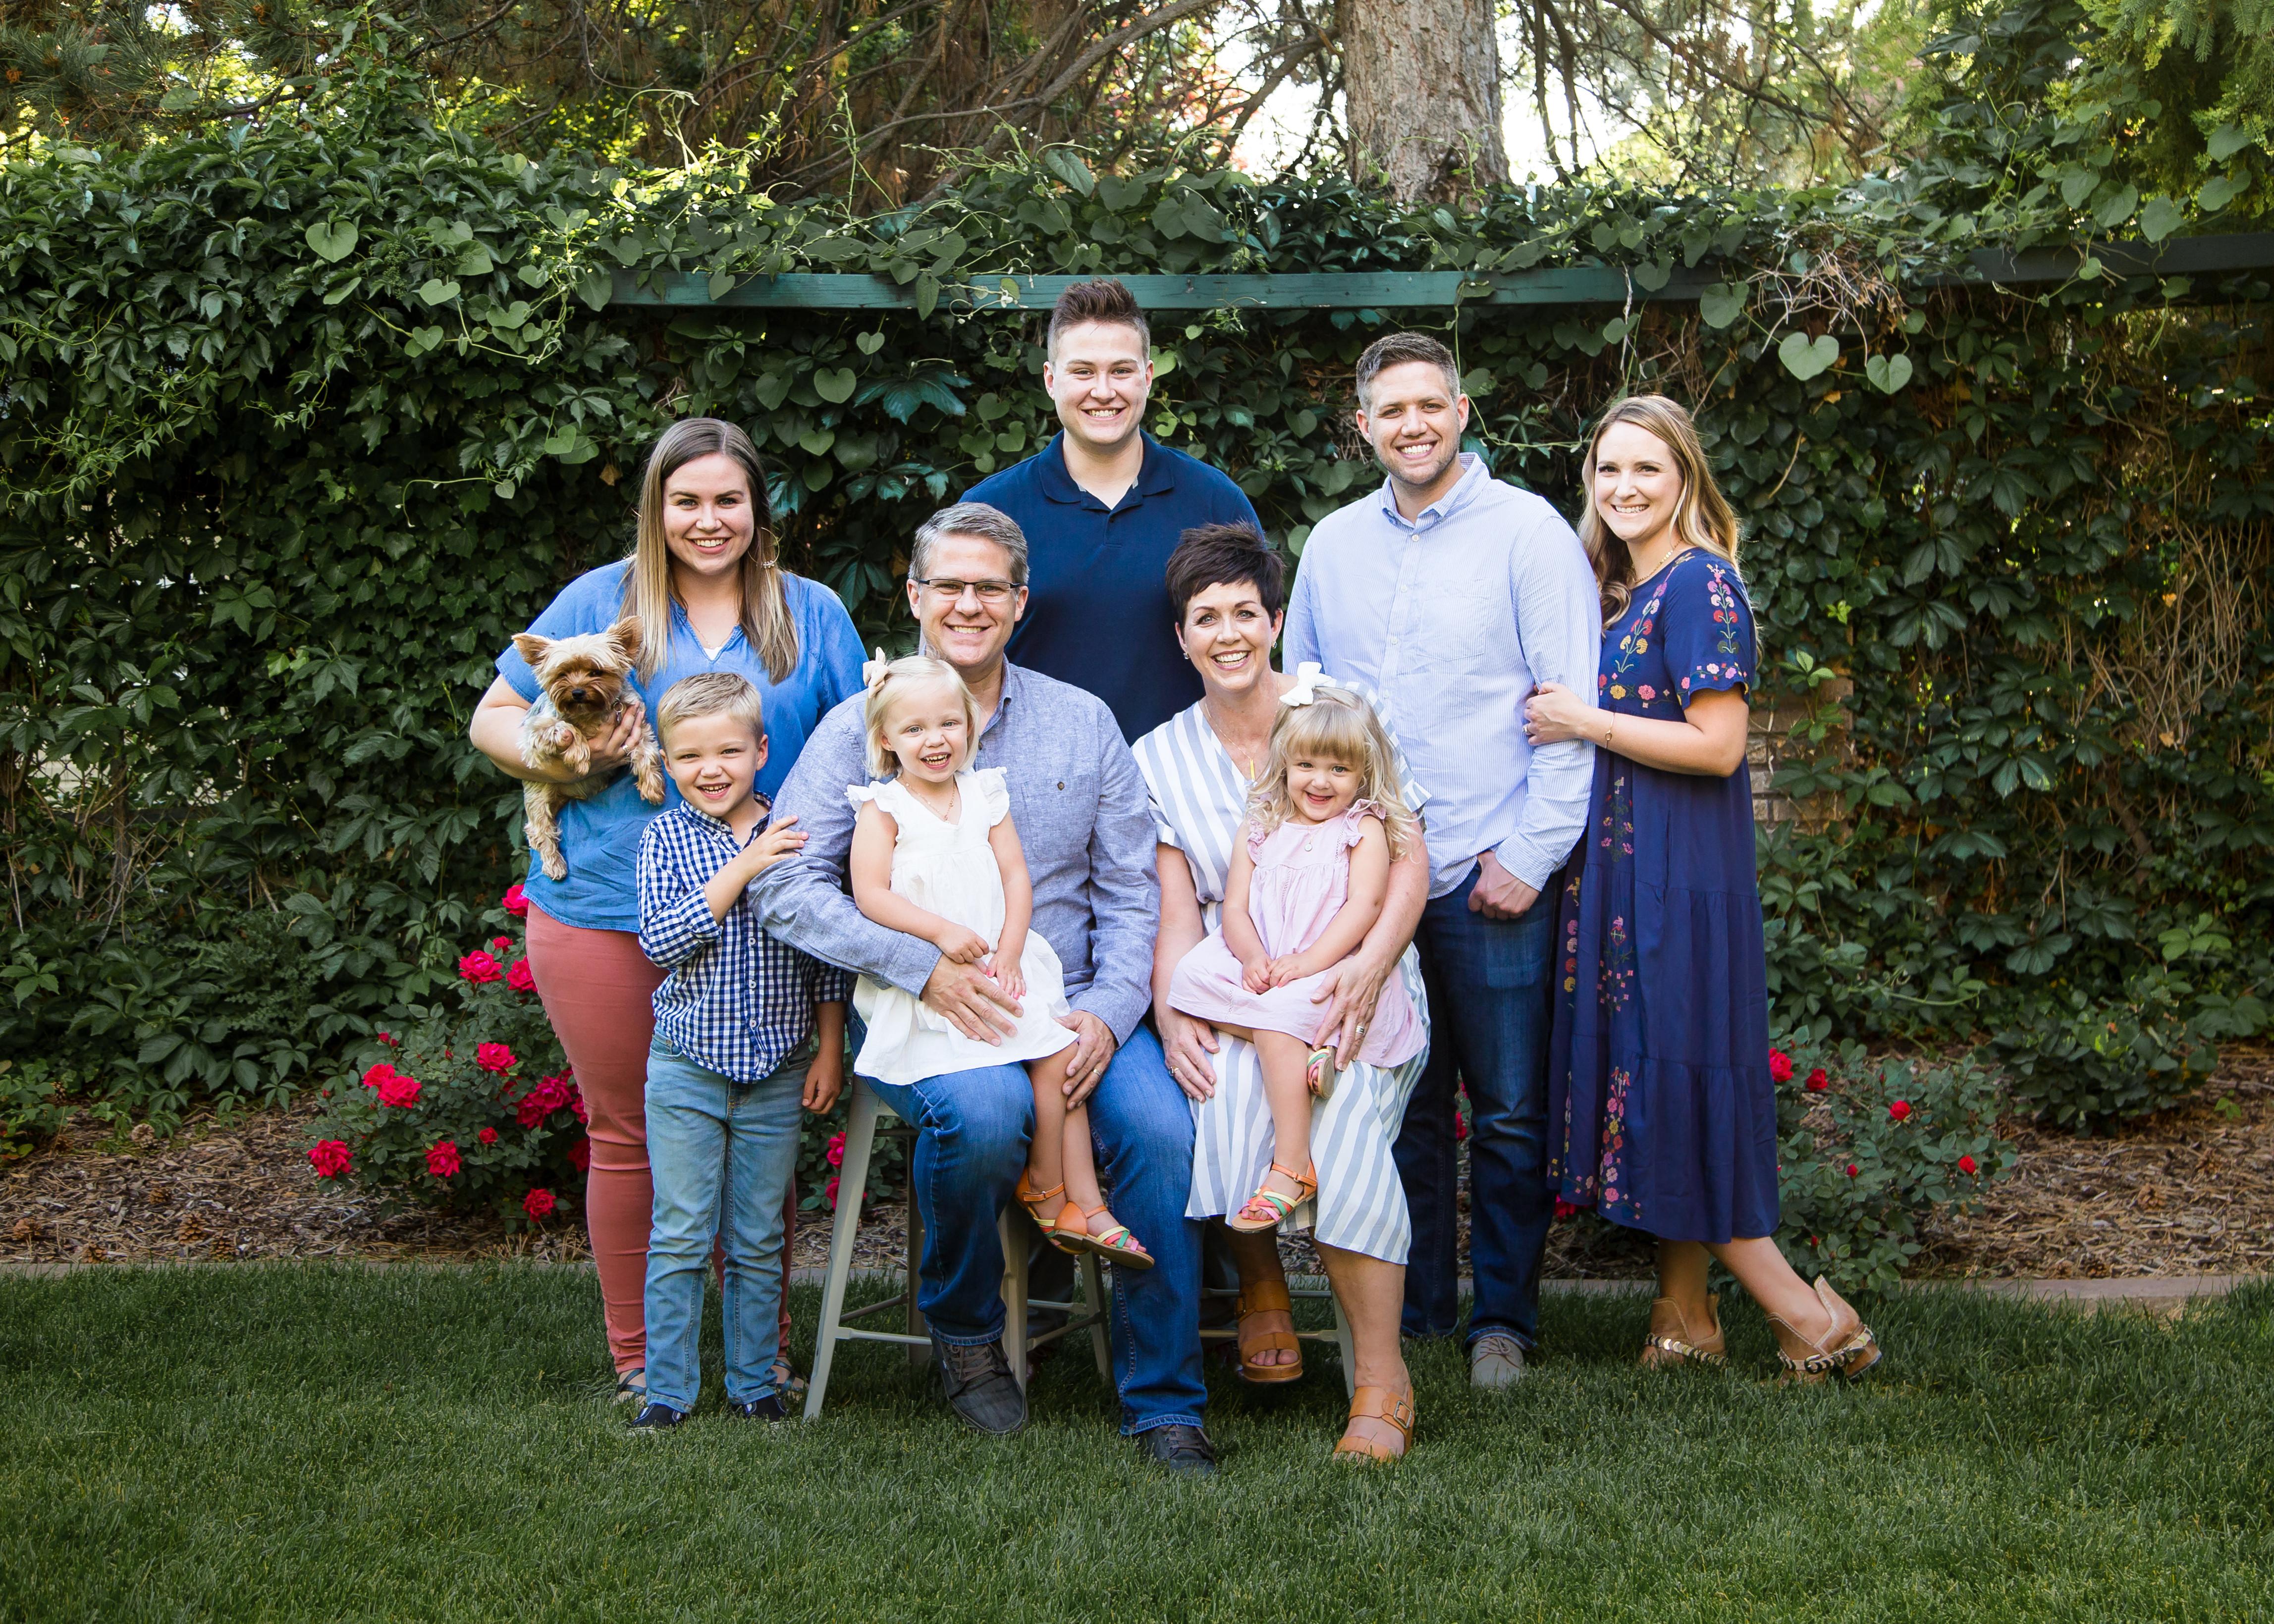 Outdoor Family No. 2